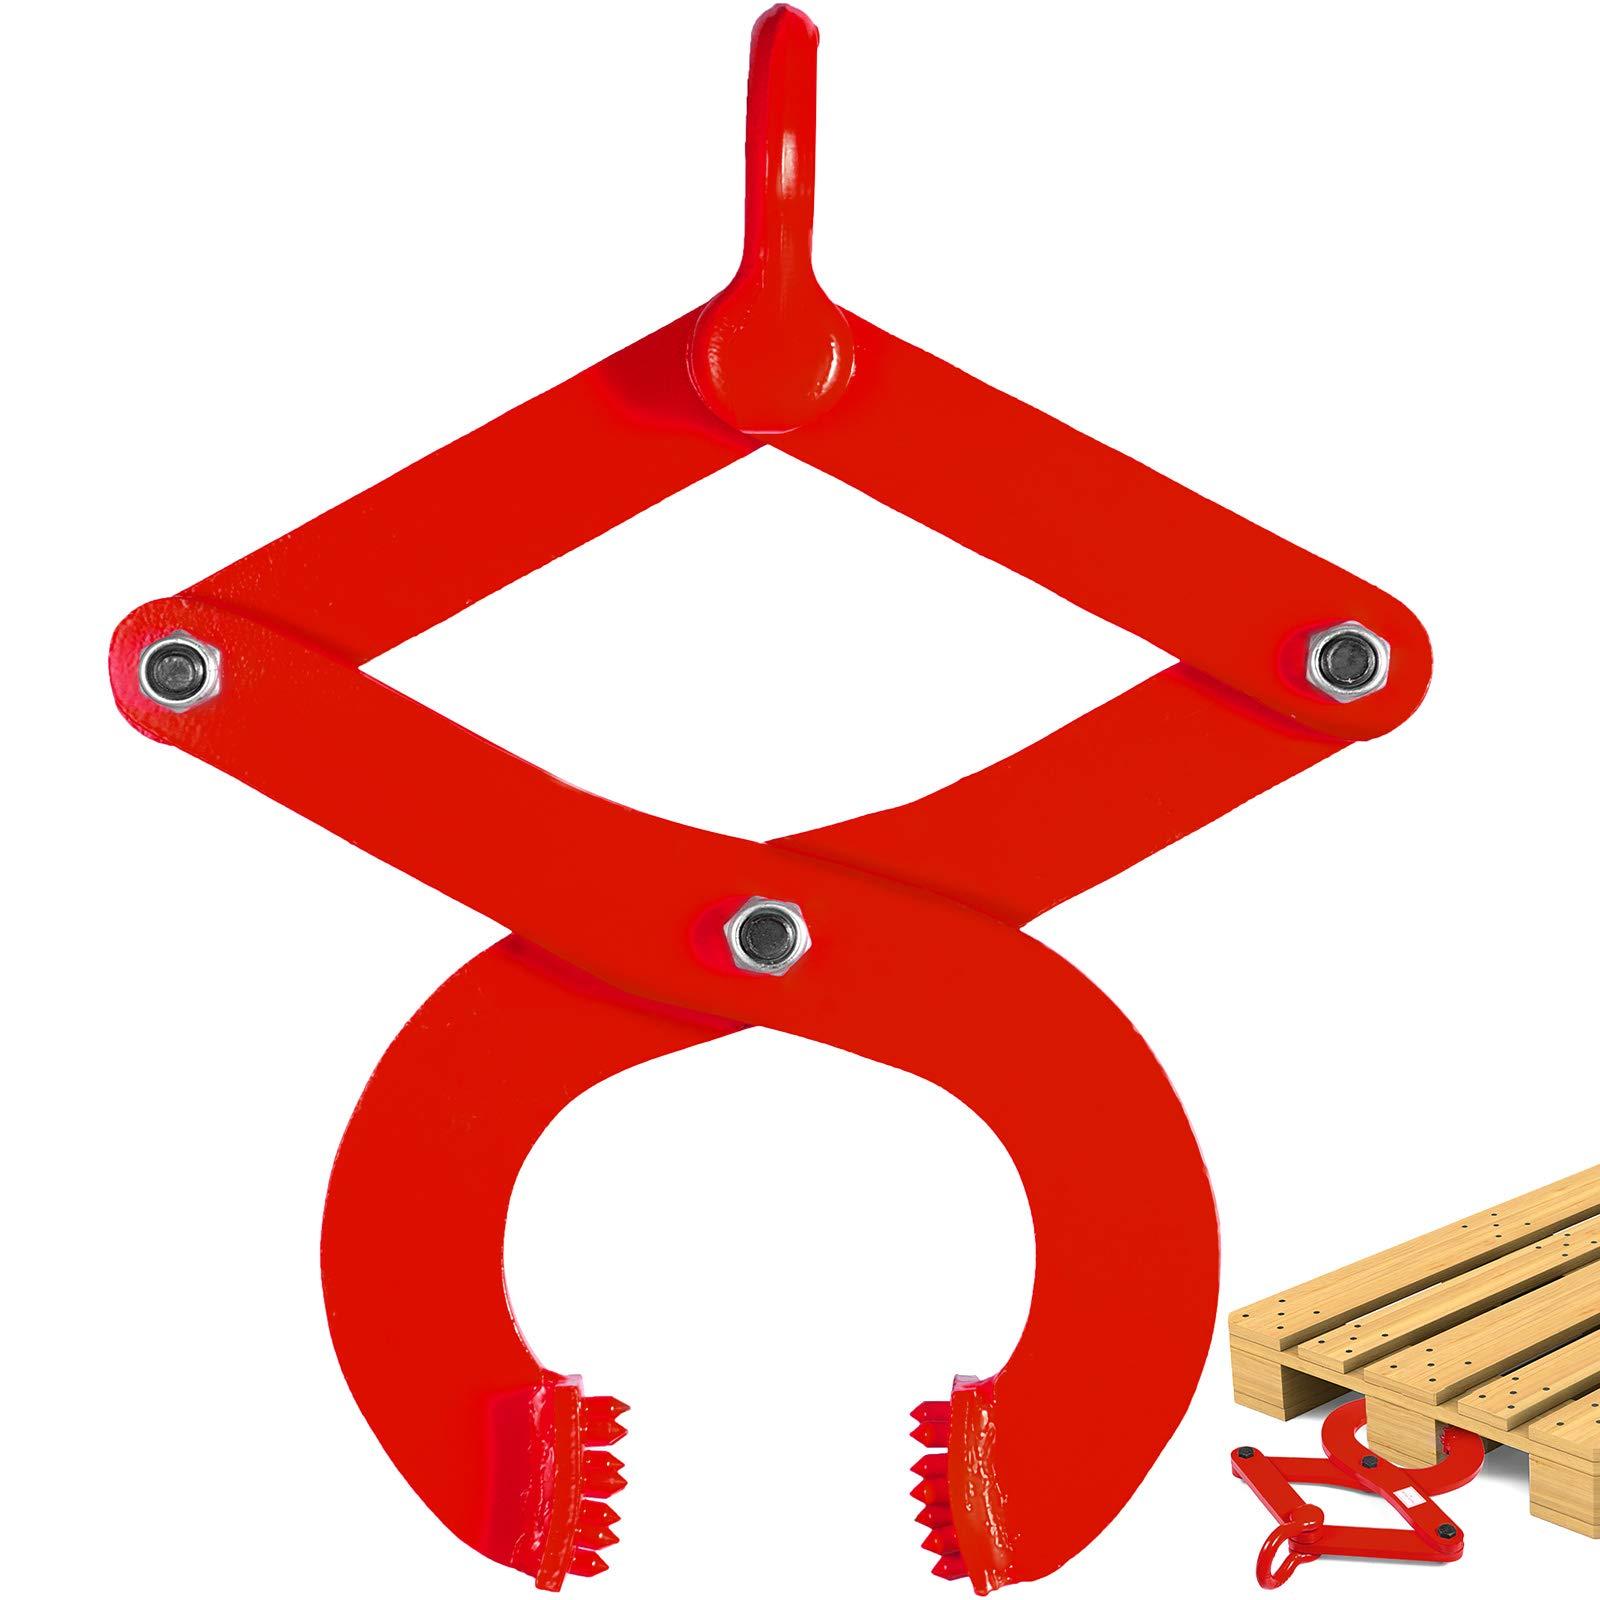 BestEquip Scissor Capacity Grabber Opening